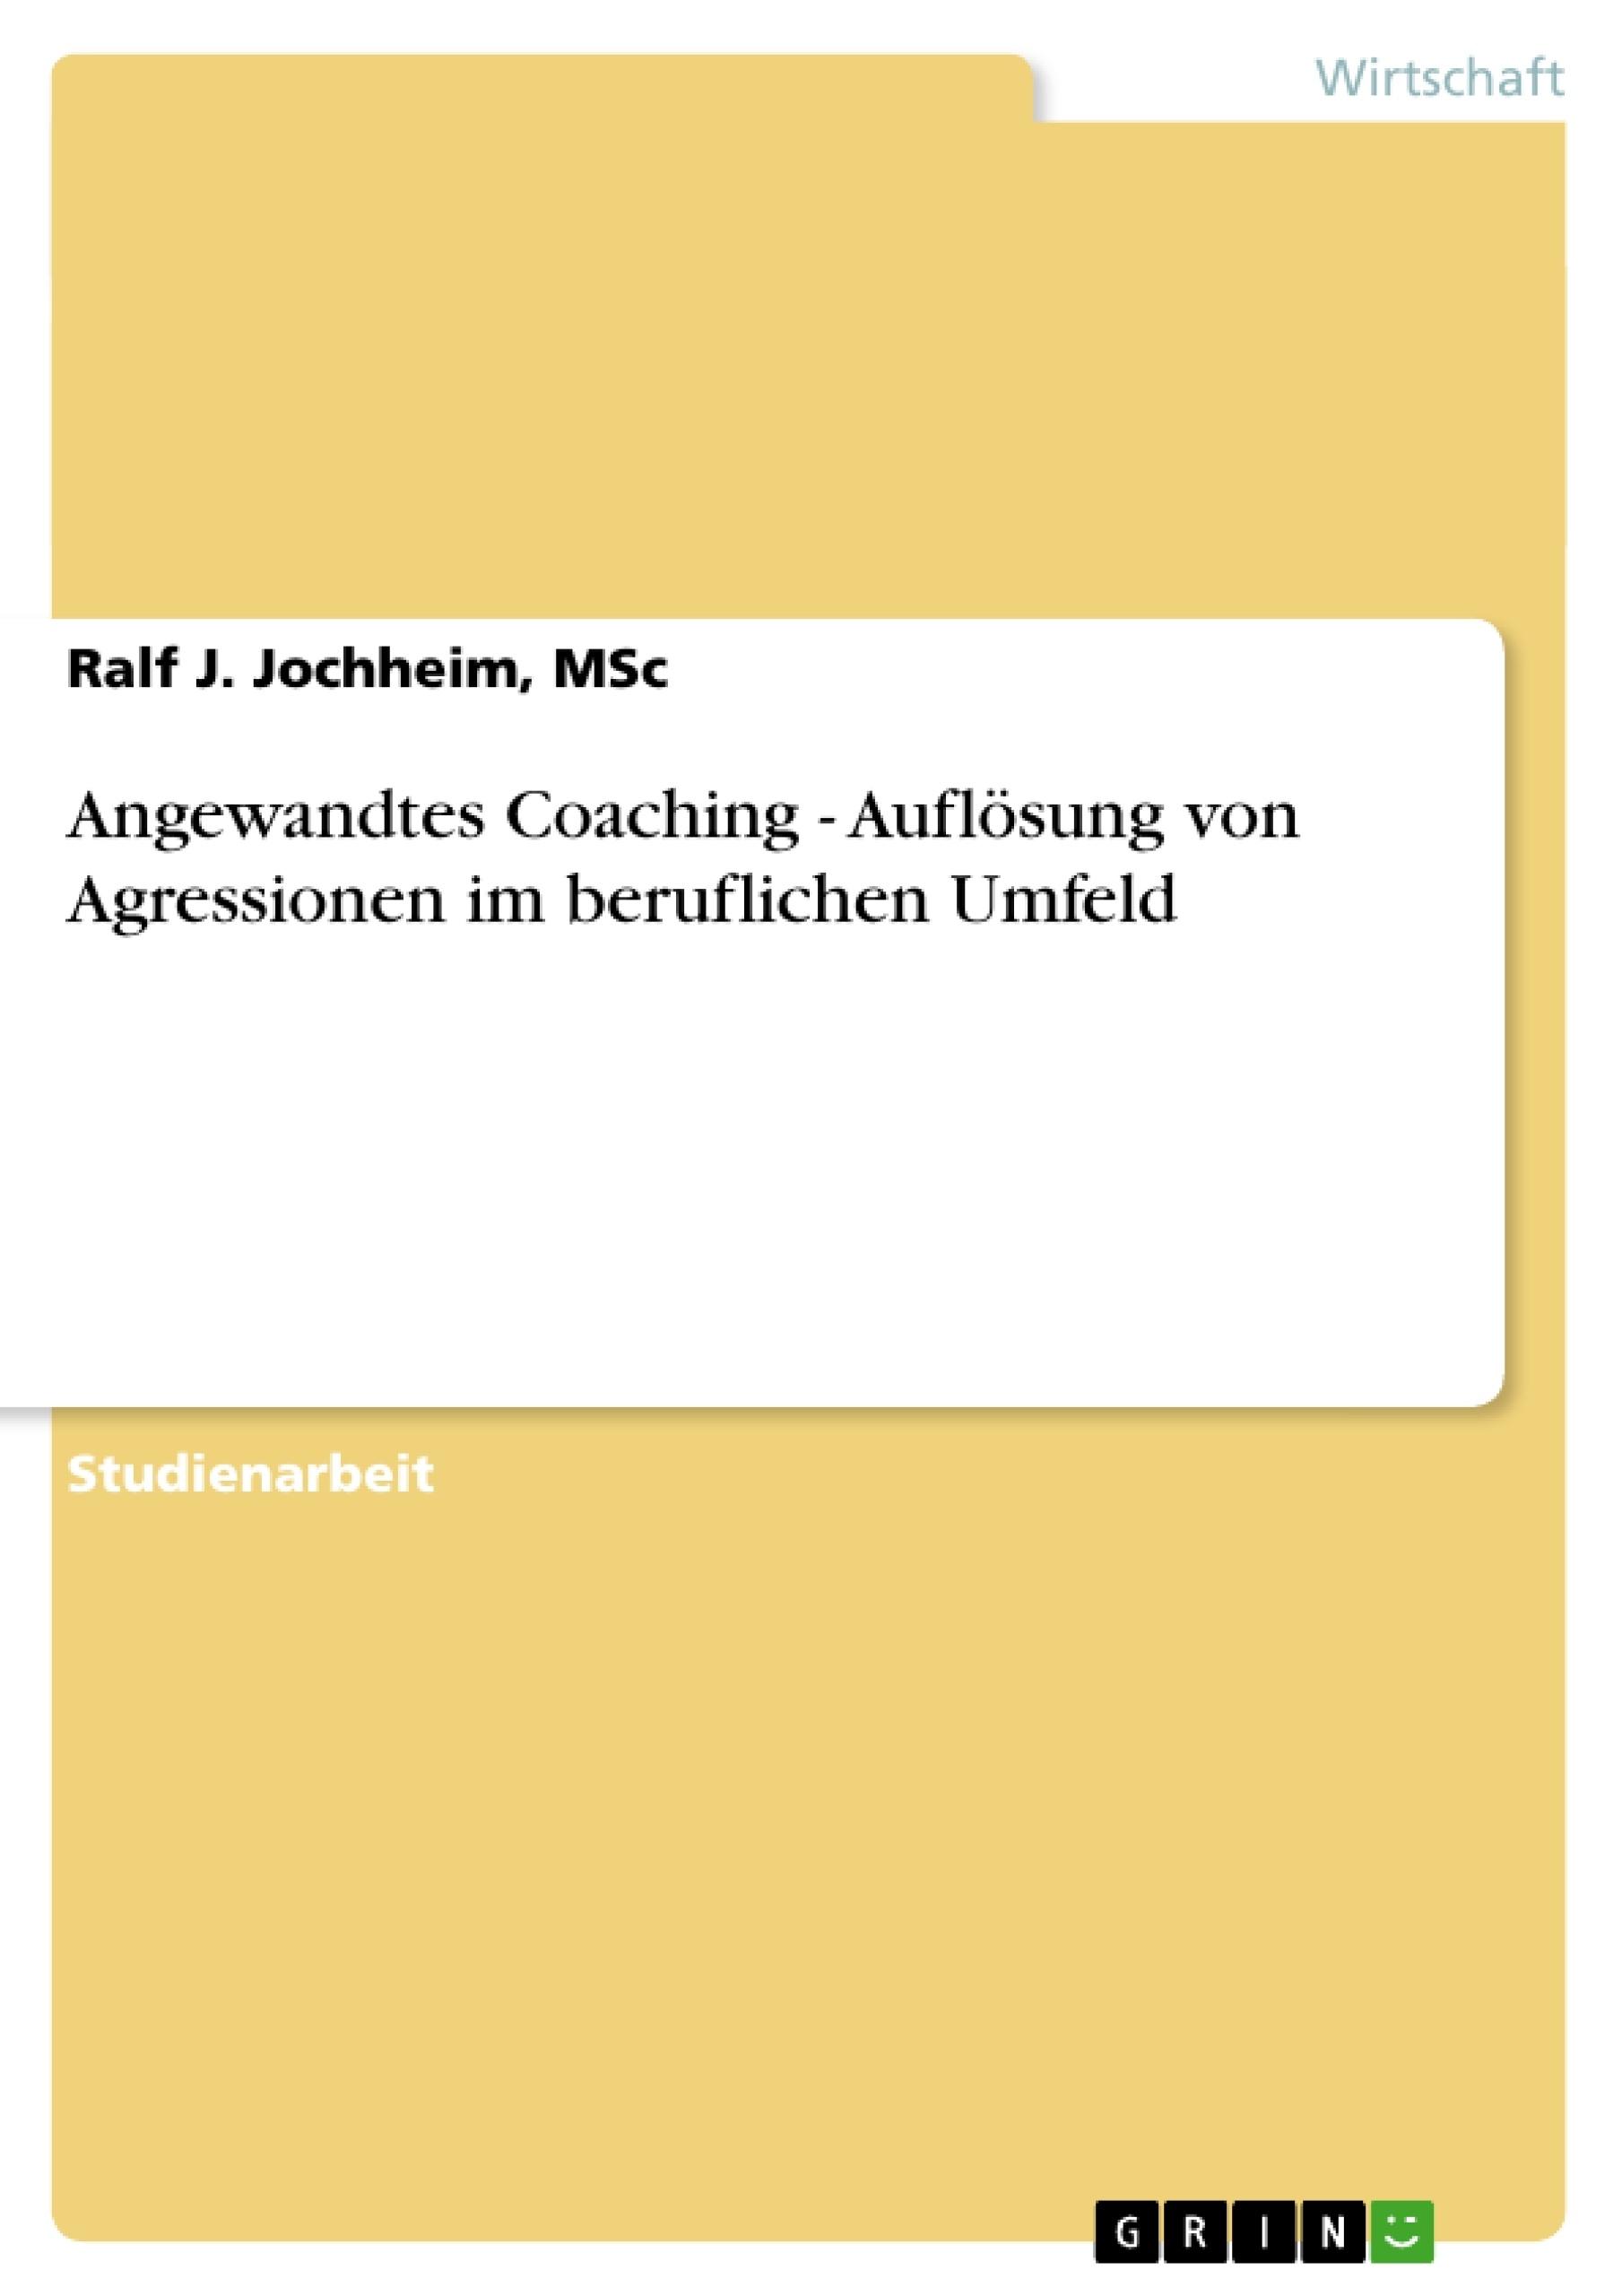 Titel: Angewandtes Coaching - Auflösung von Agressionen im beruflichen Umfeld